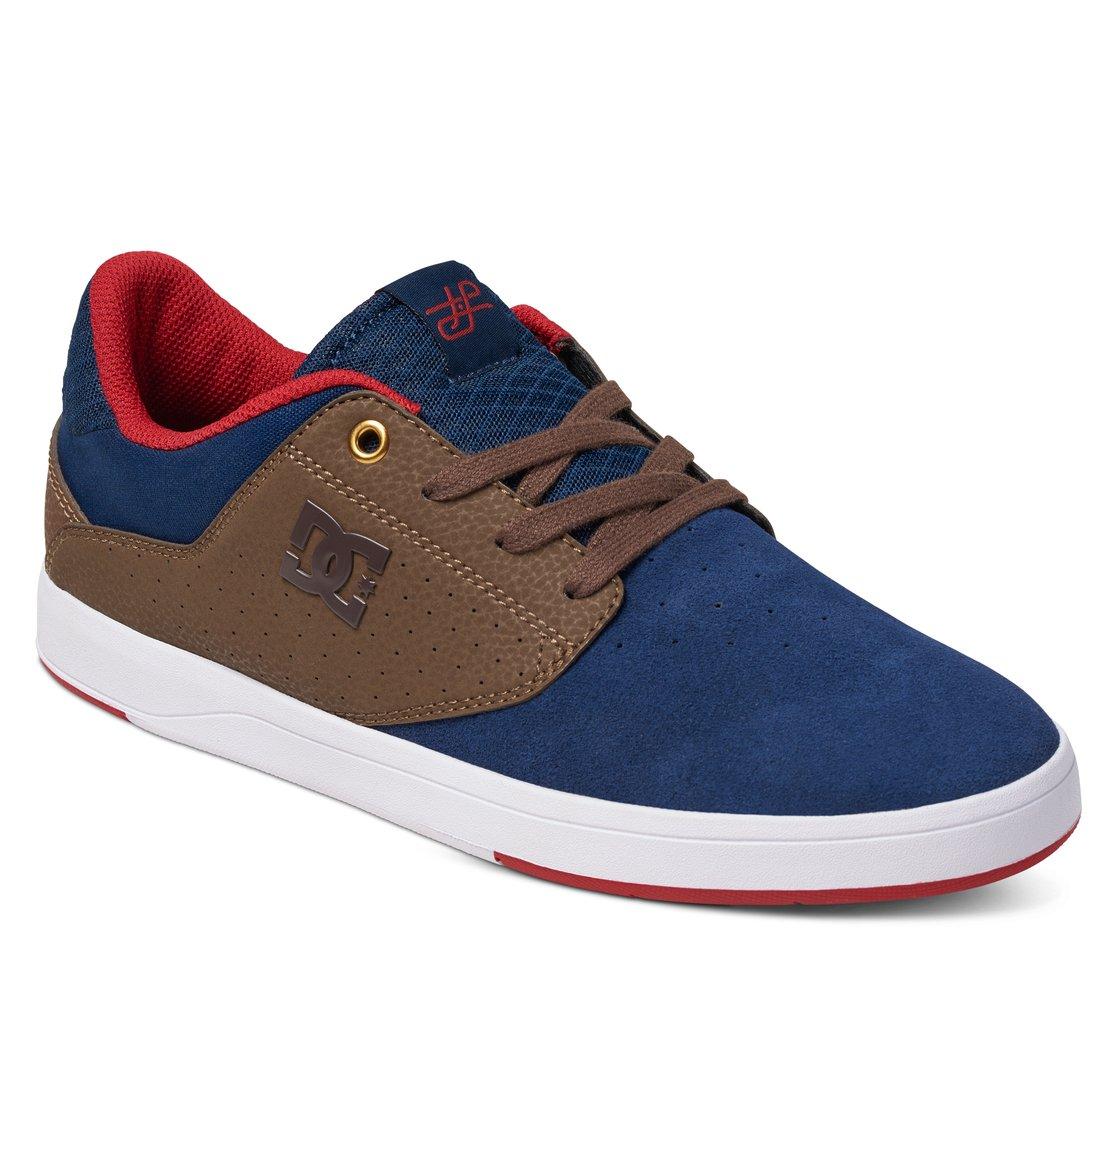 Skate shoes dc - 1 Men S Plaza Tc S Tiago Lemos Skate Shoes Blue Adys100373 Dc Shoes